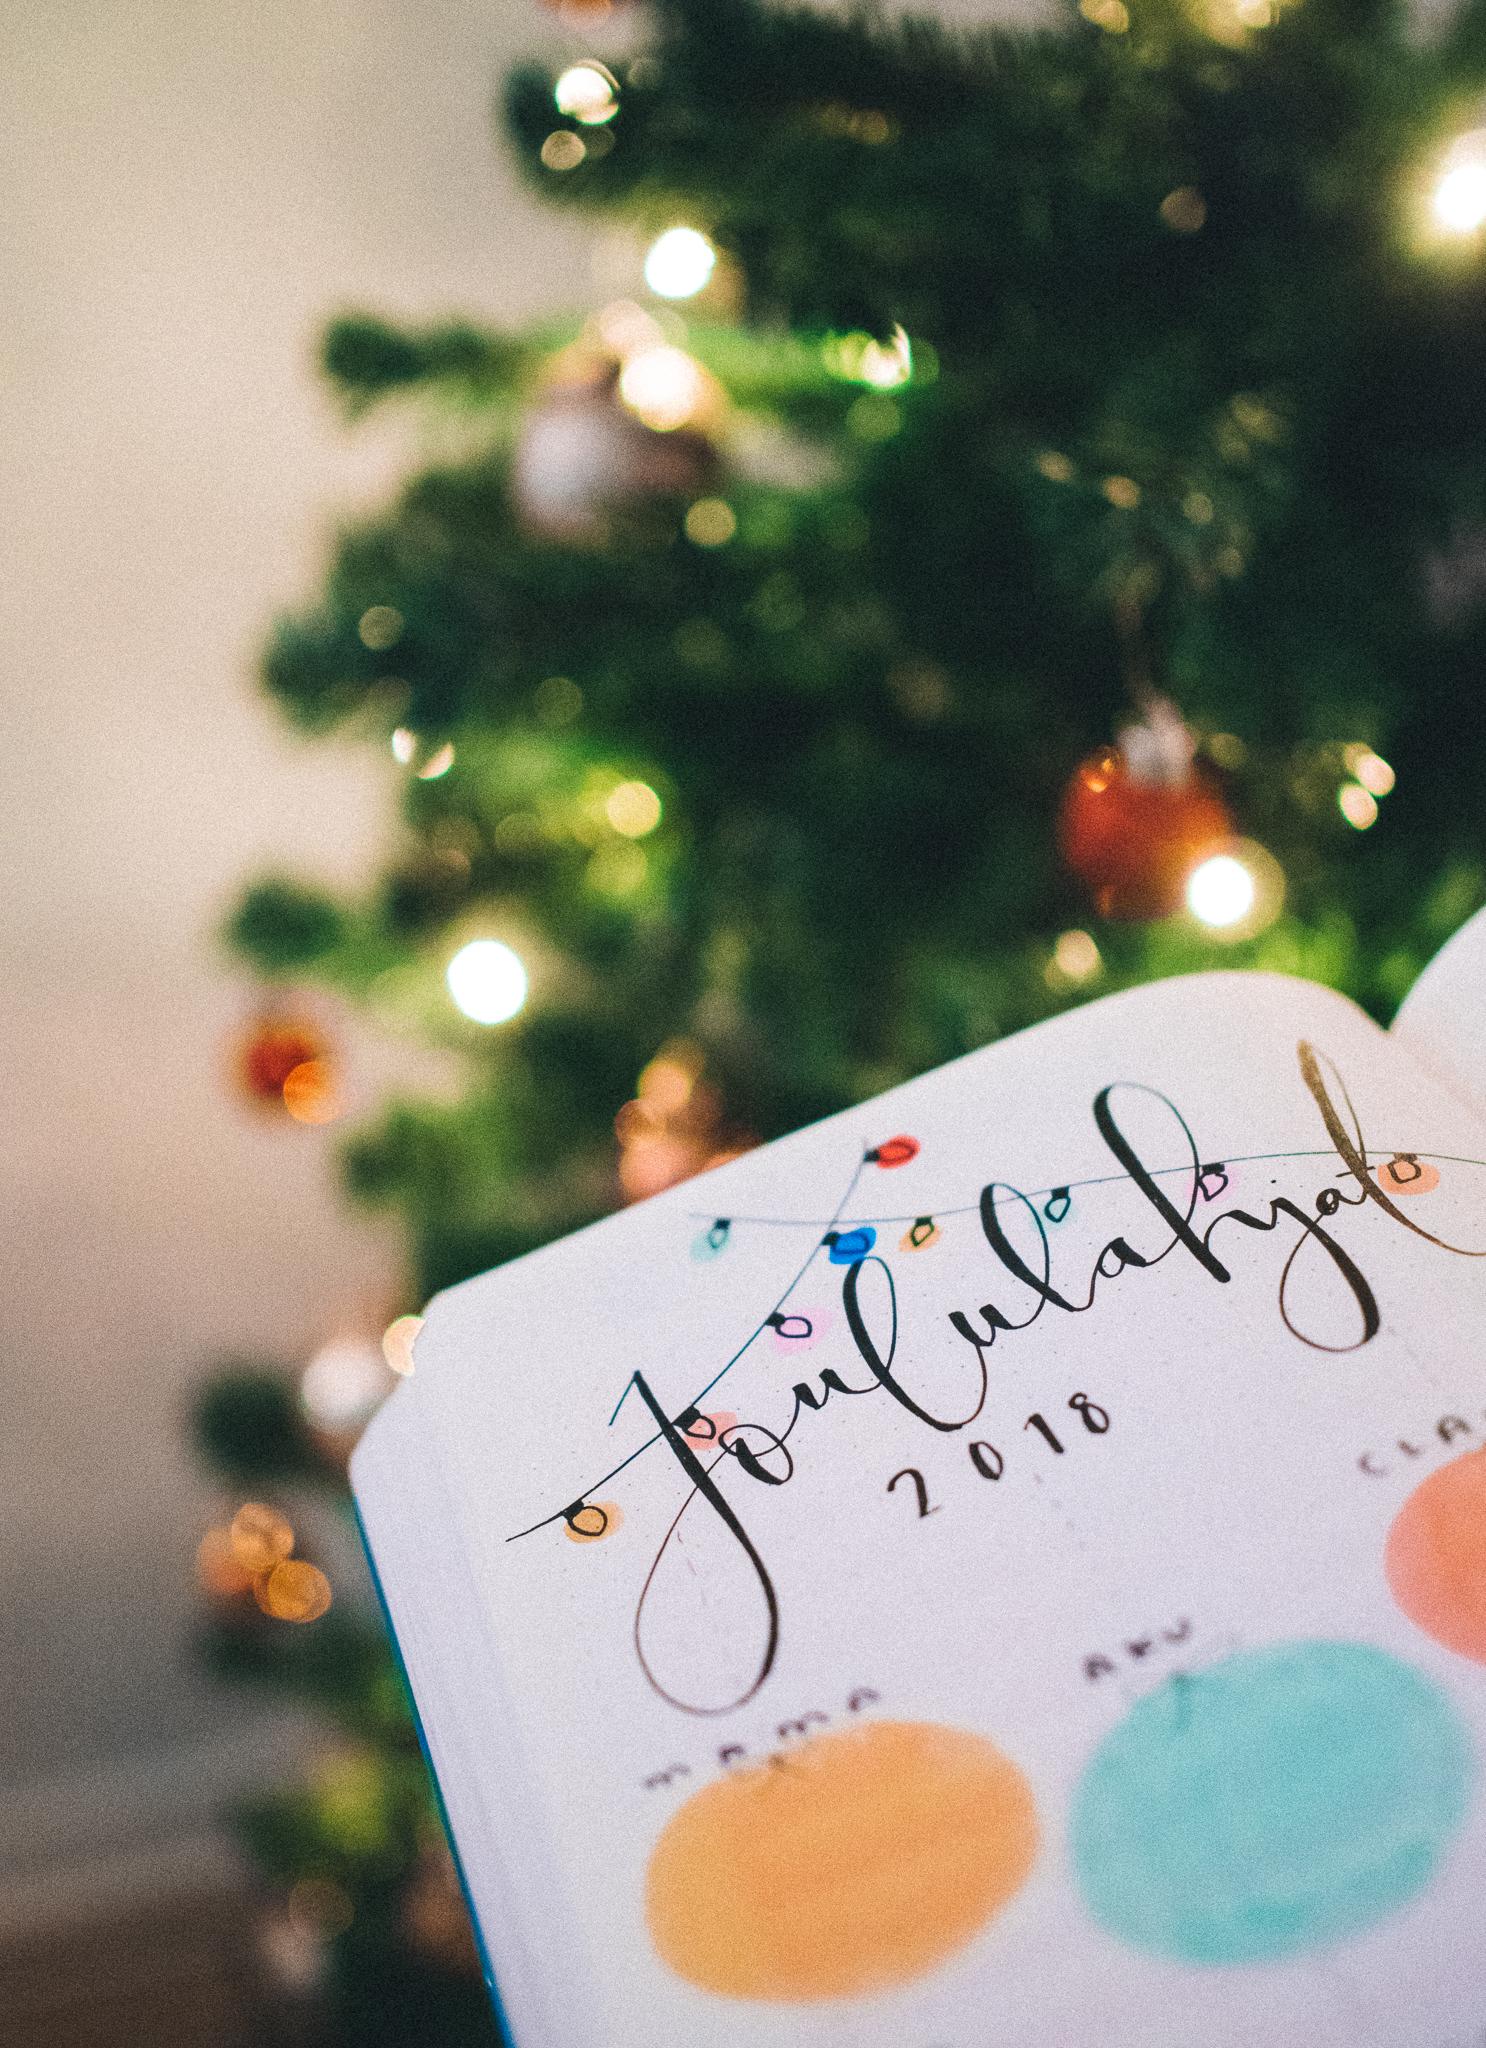 joulubujo3